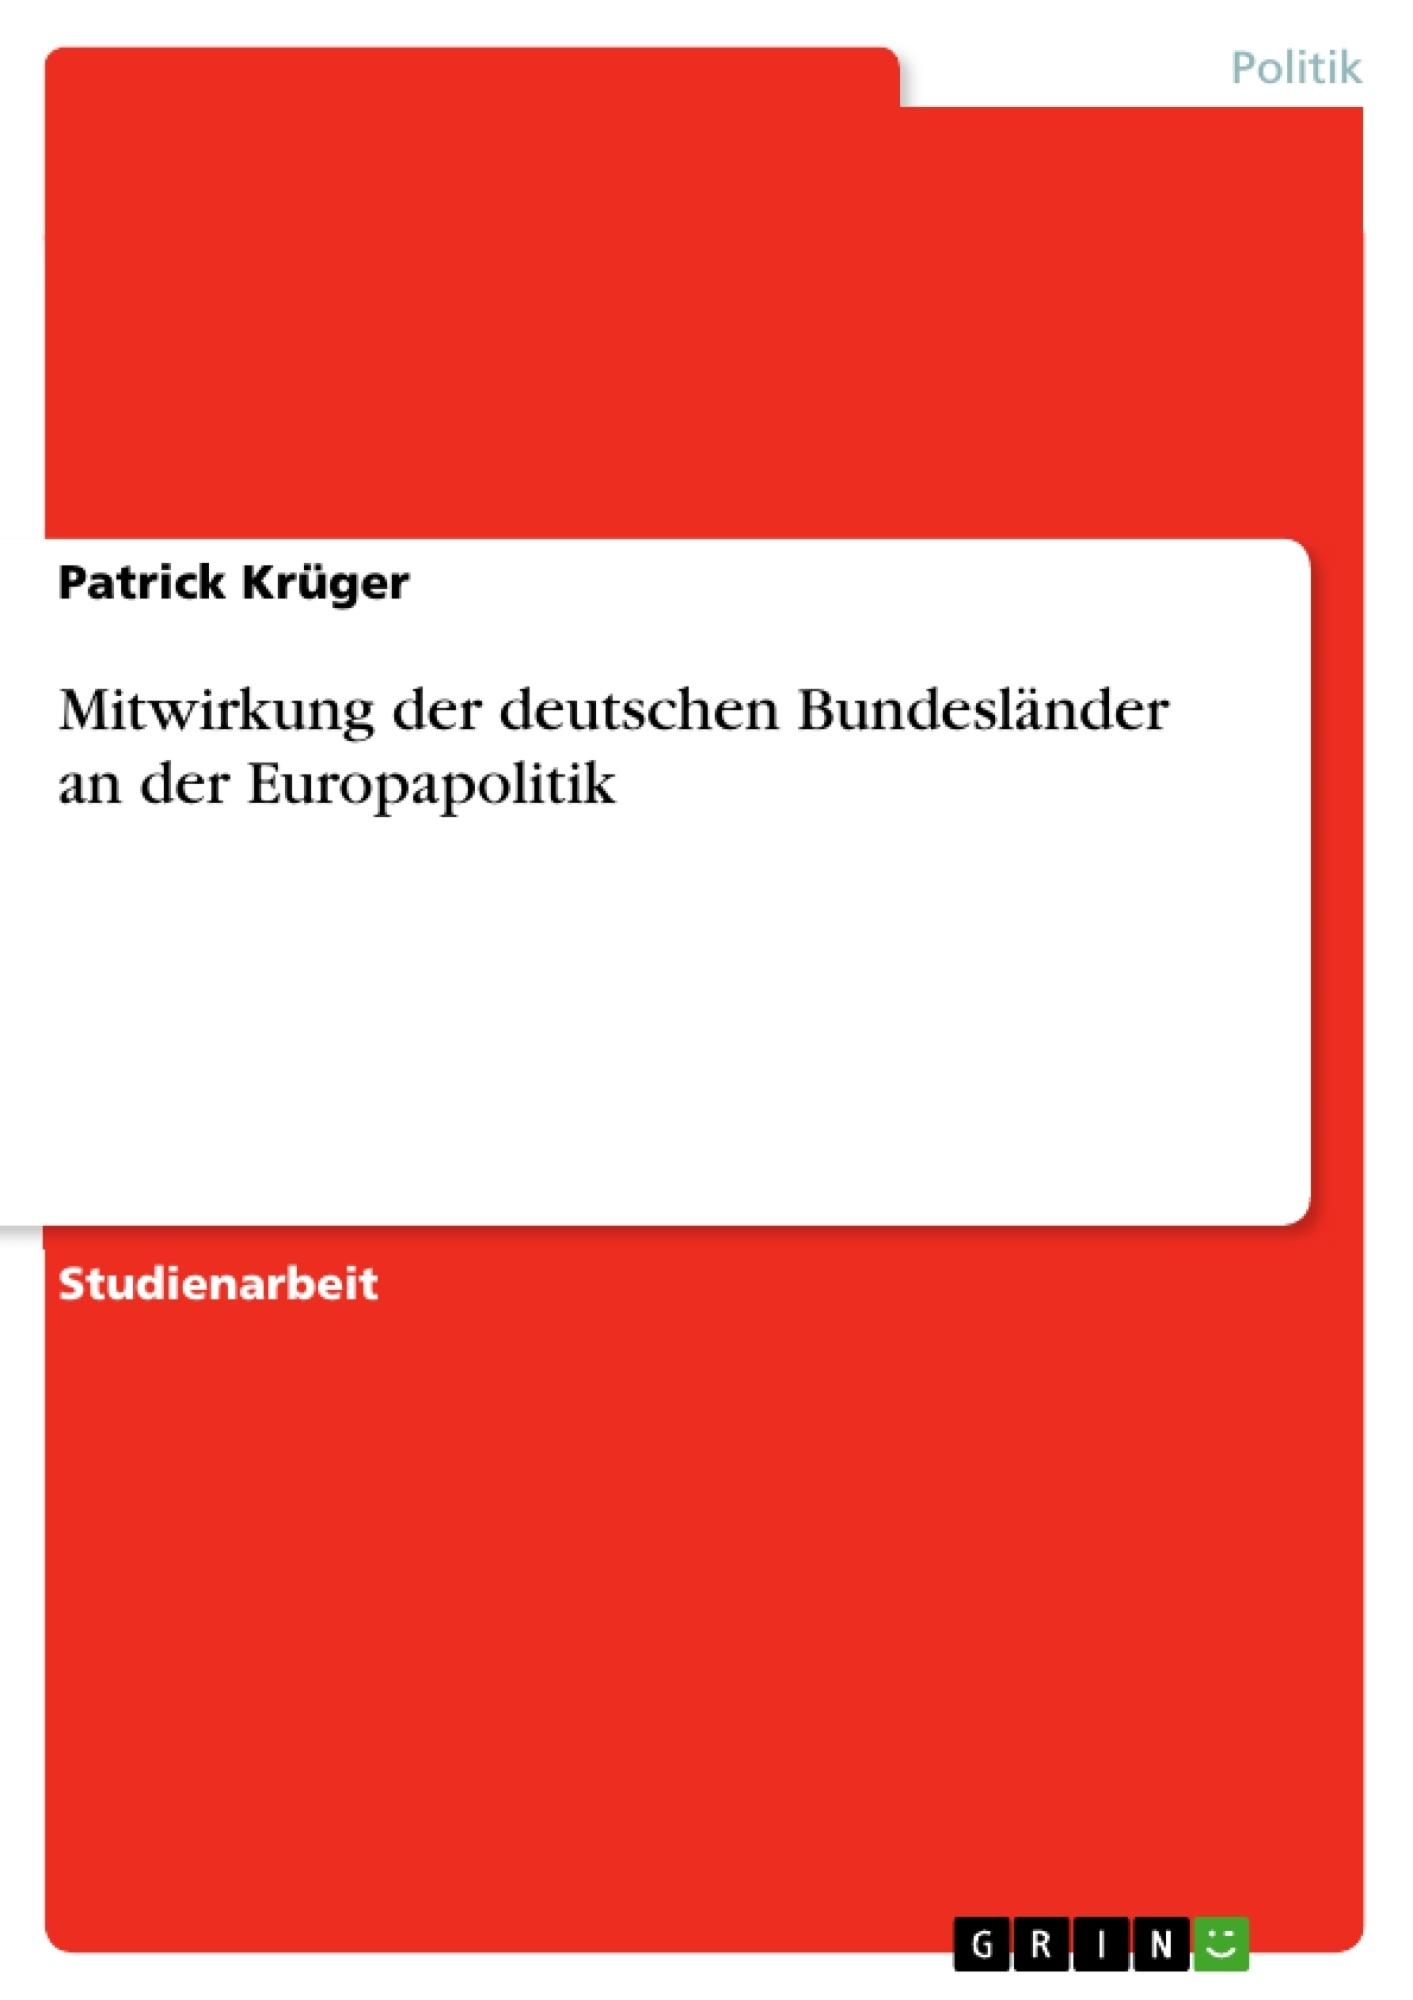 Titel: Mitwirkung der deutschen Bundesländer an der Europapolitik